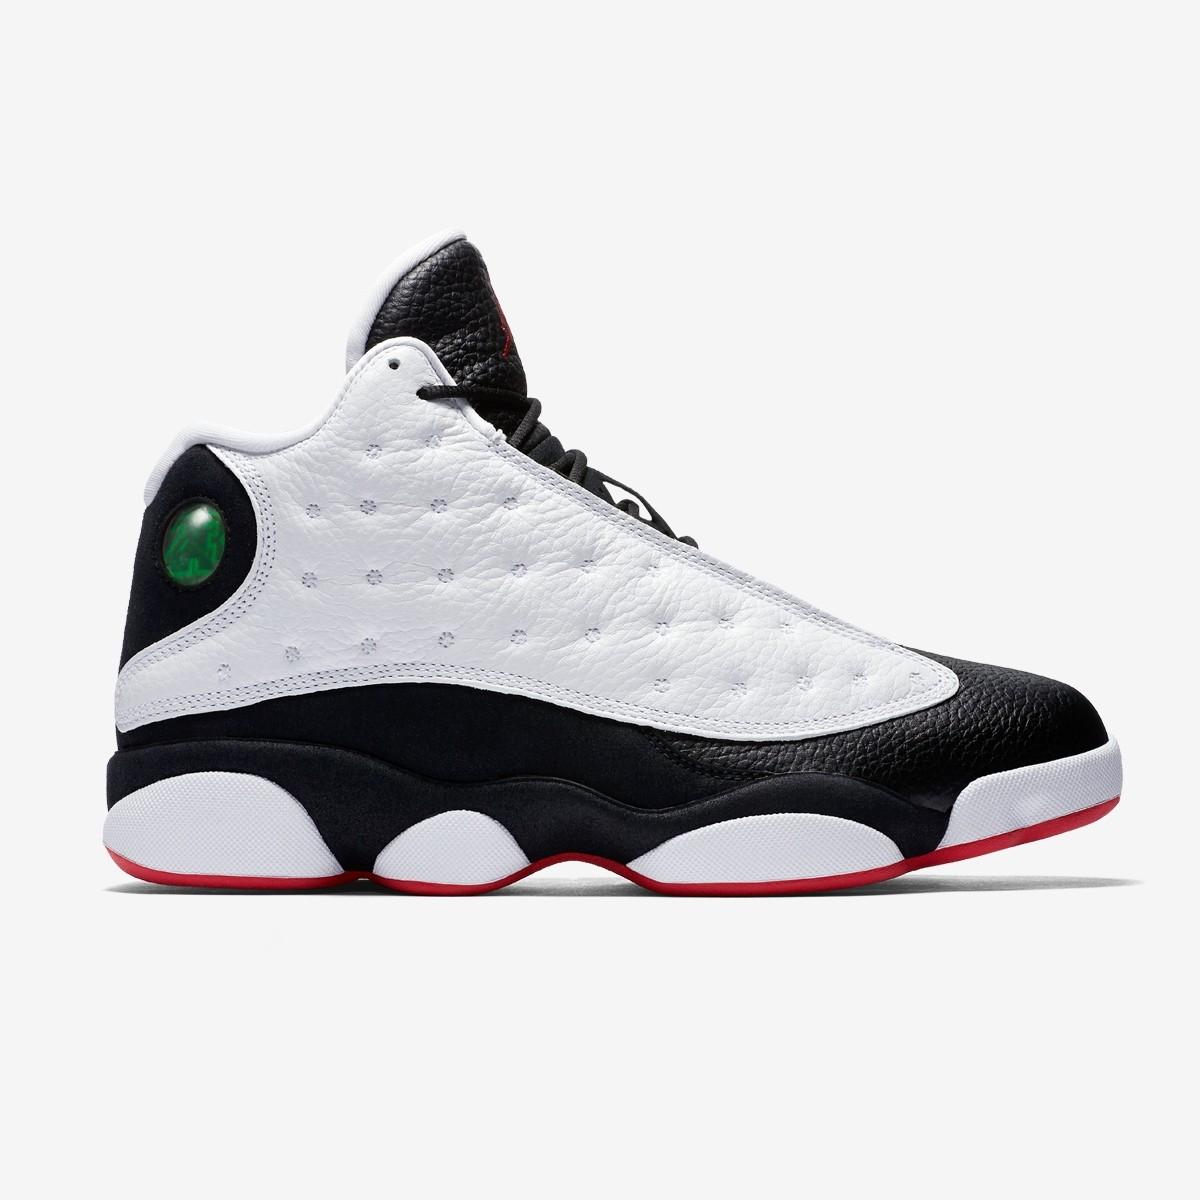 Air Jordan 13 Retro 'He got game'